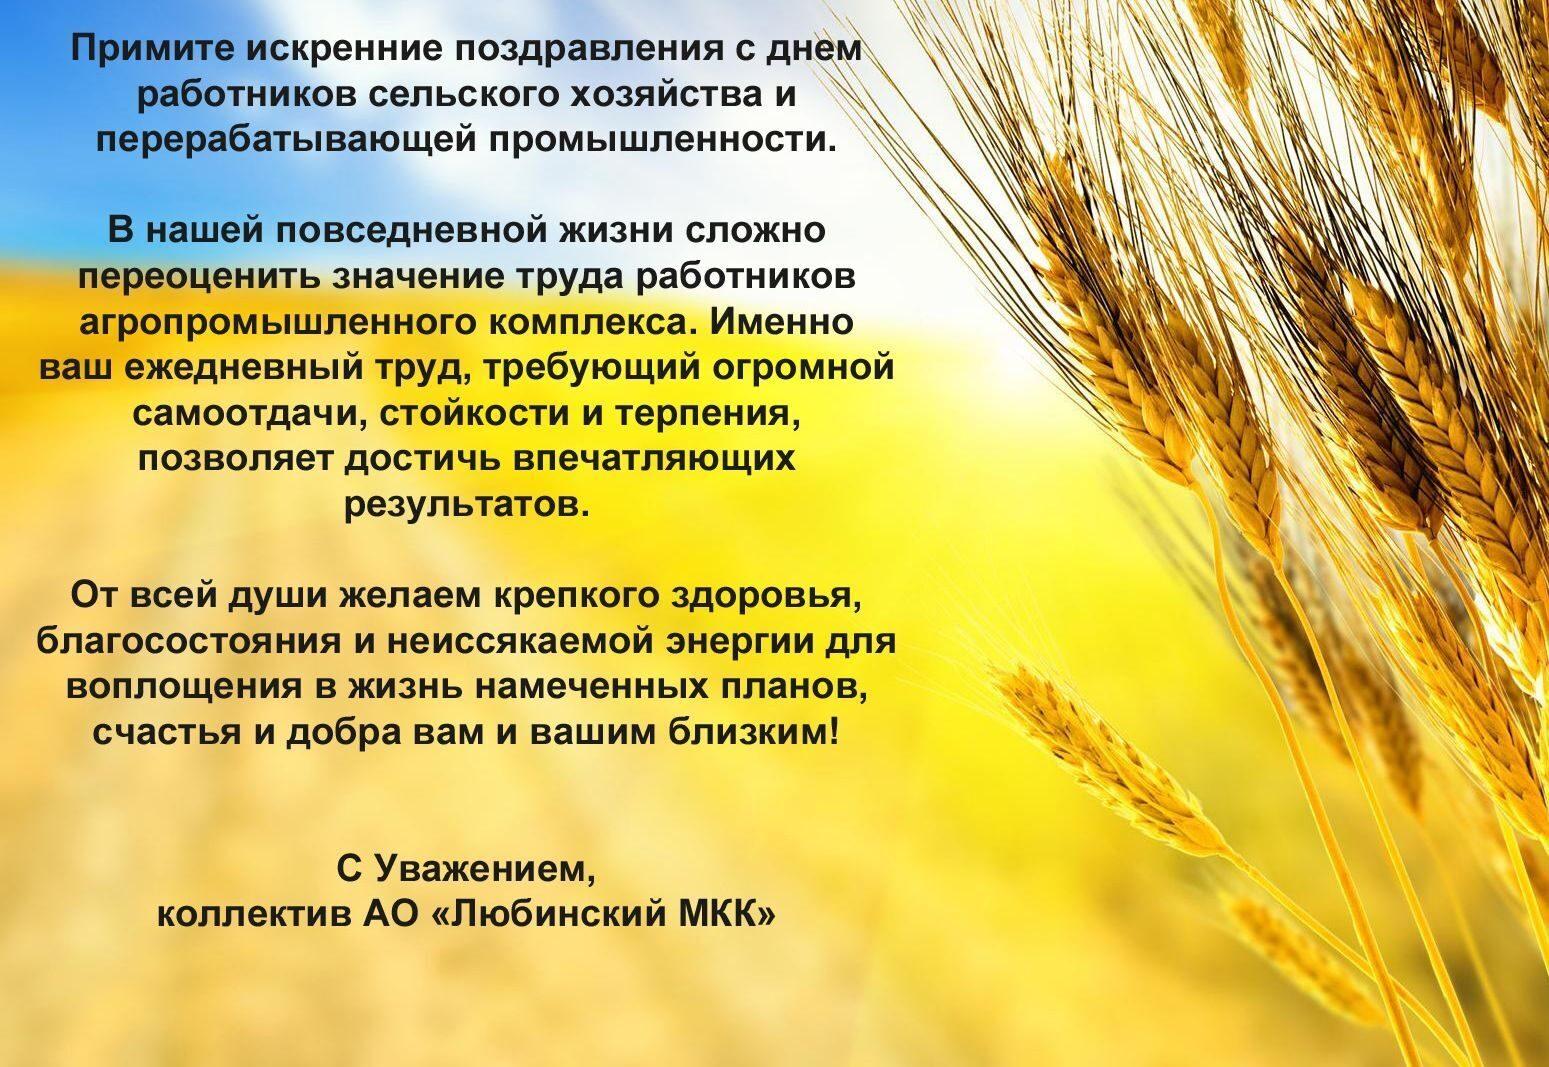 День работников сельского хозяйства поздравление 197